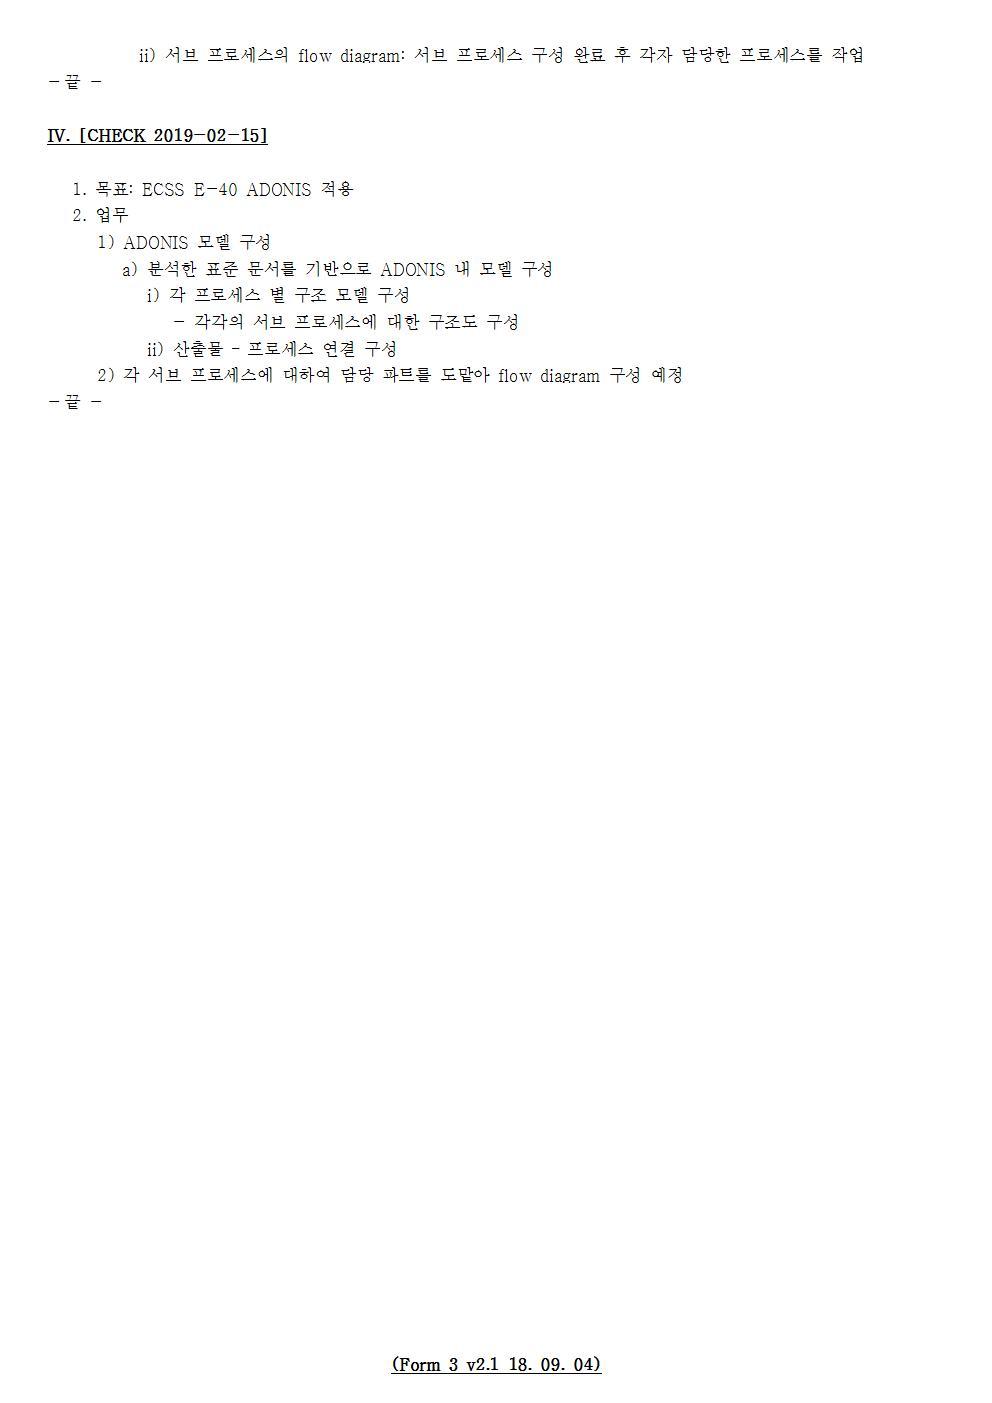 D-[19-004-RD-04]-[CMS]-[2019-02-15][YB]002.jpg